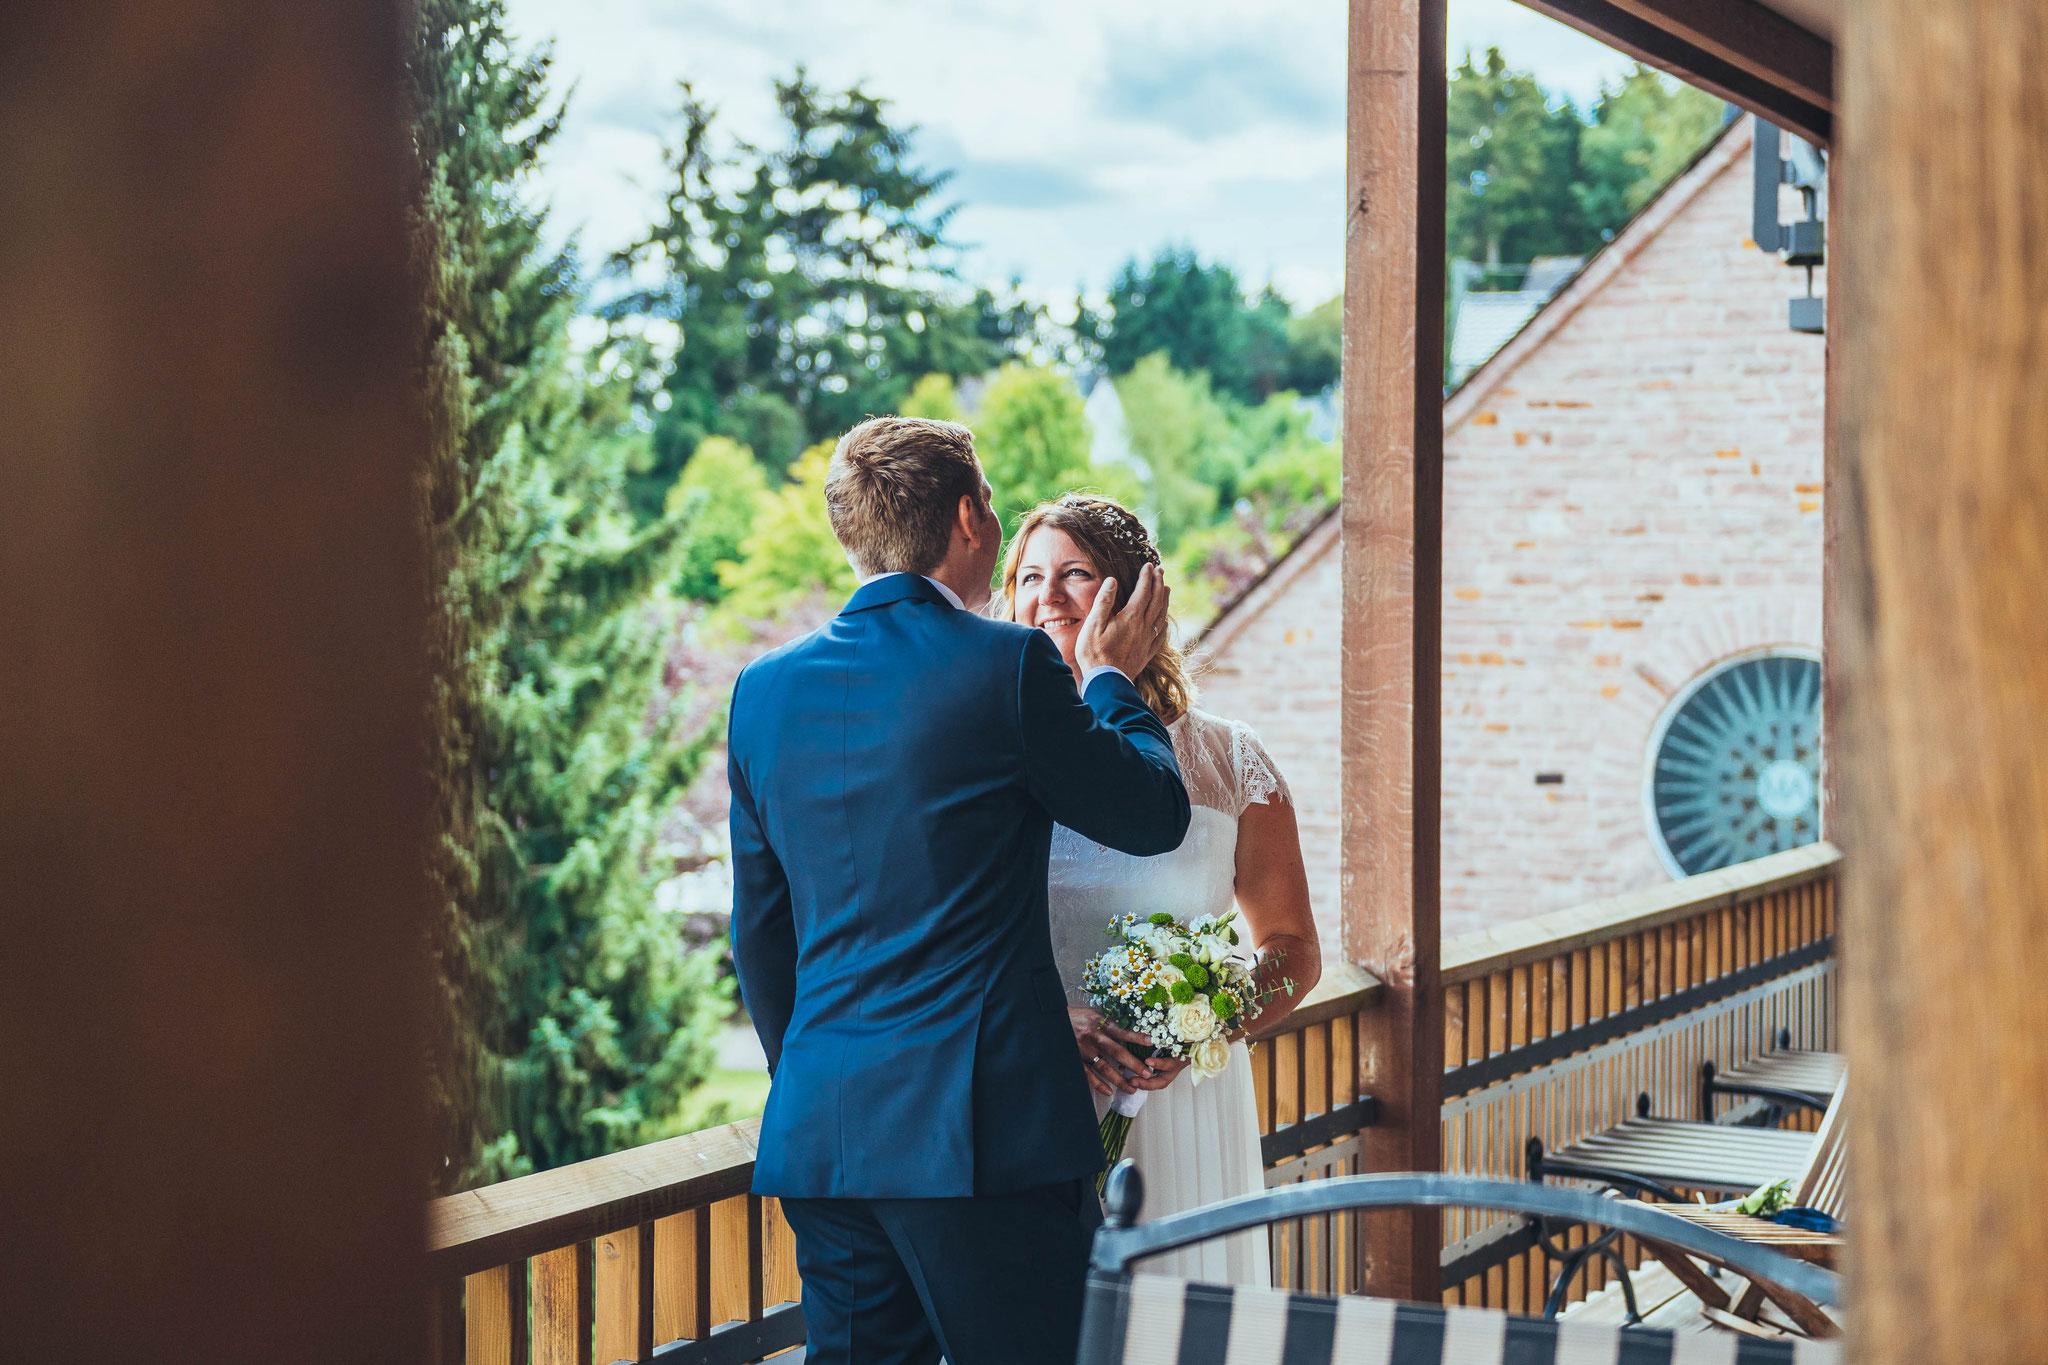 Fotoshooting mit dem Brautpaar im Klosterhotel Marienhöh Langweiler